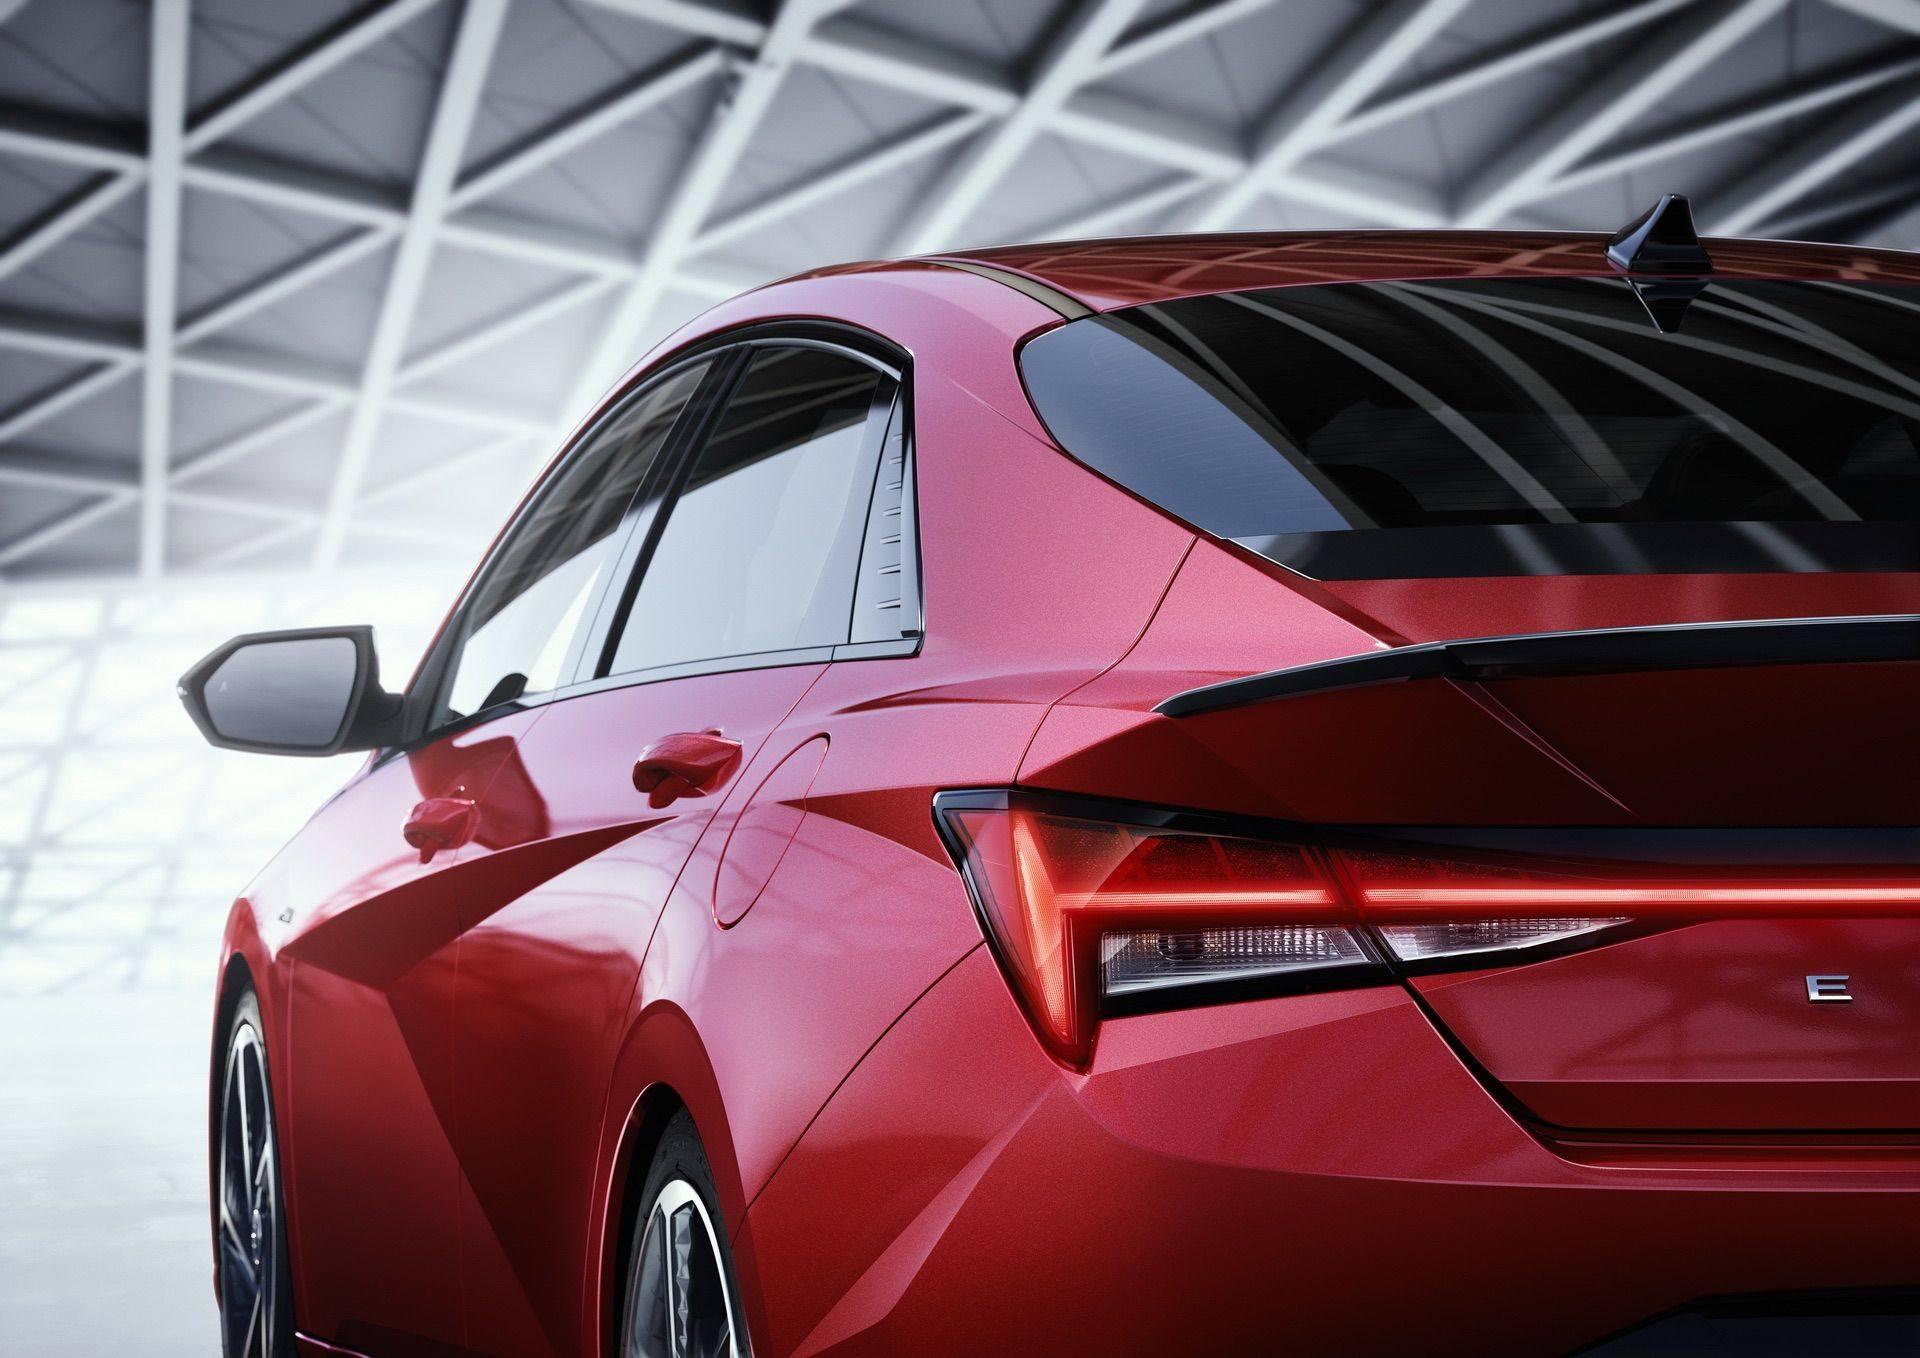 Hyundai-Elantra-N-Line-i30-Sedan-86